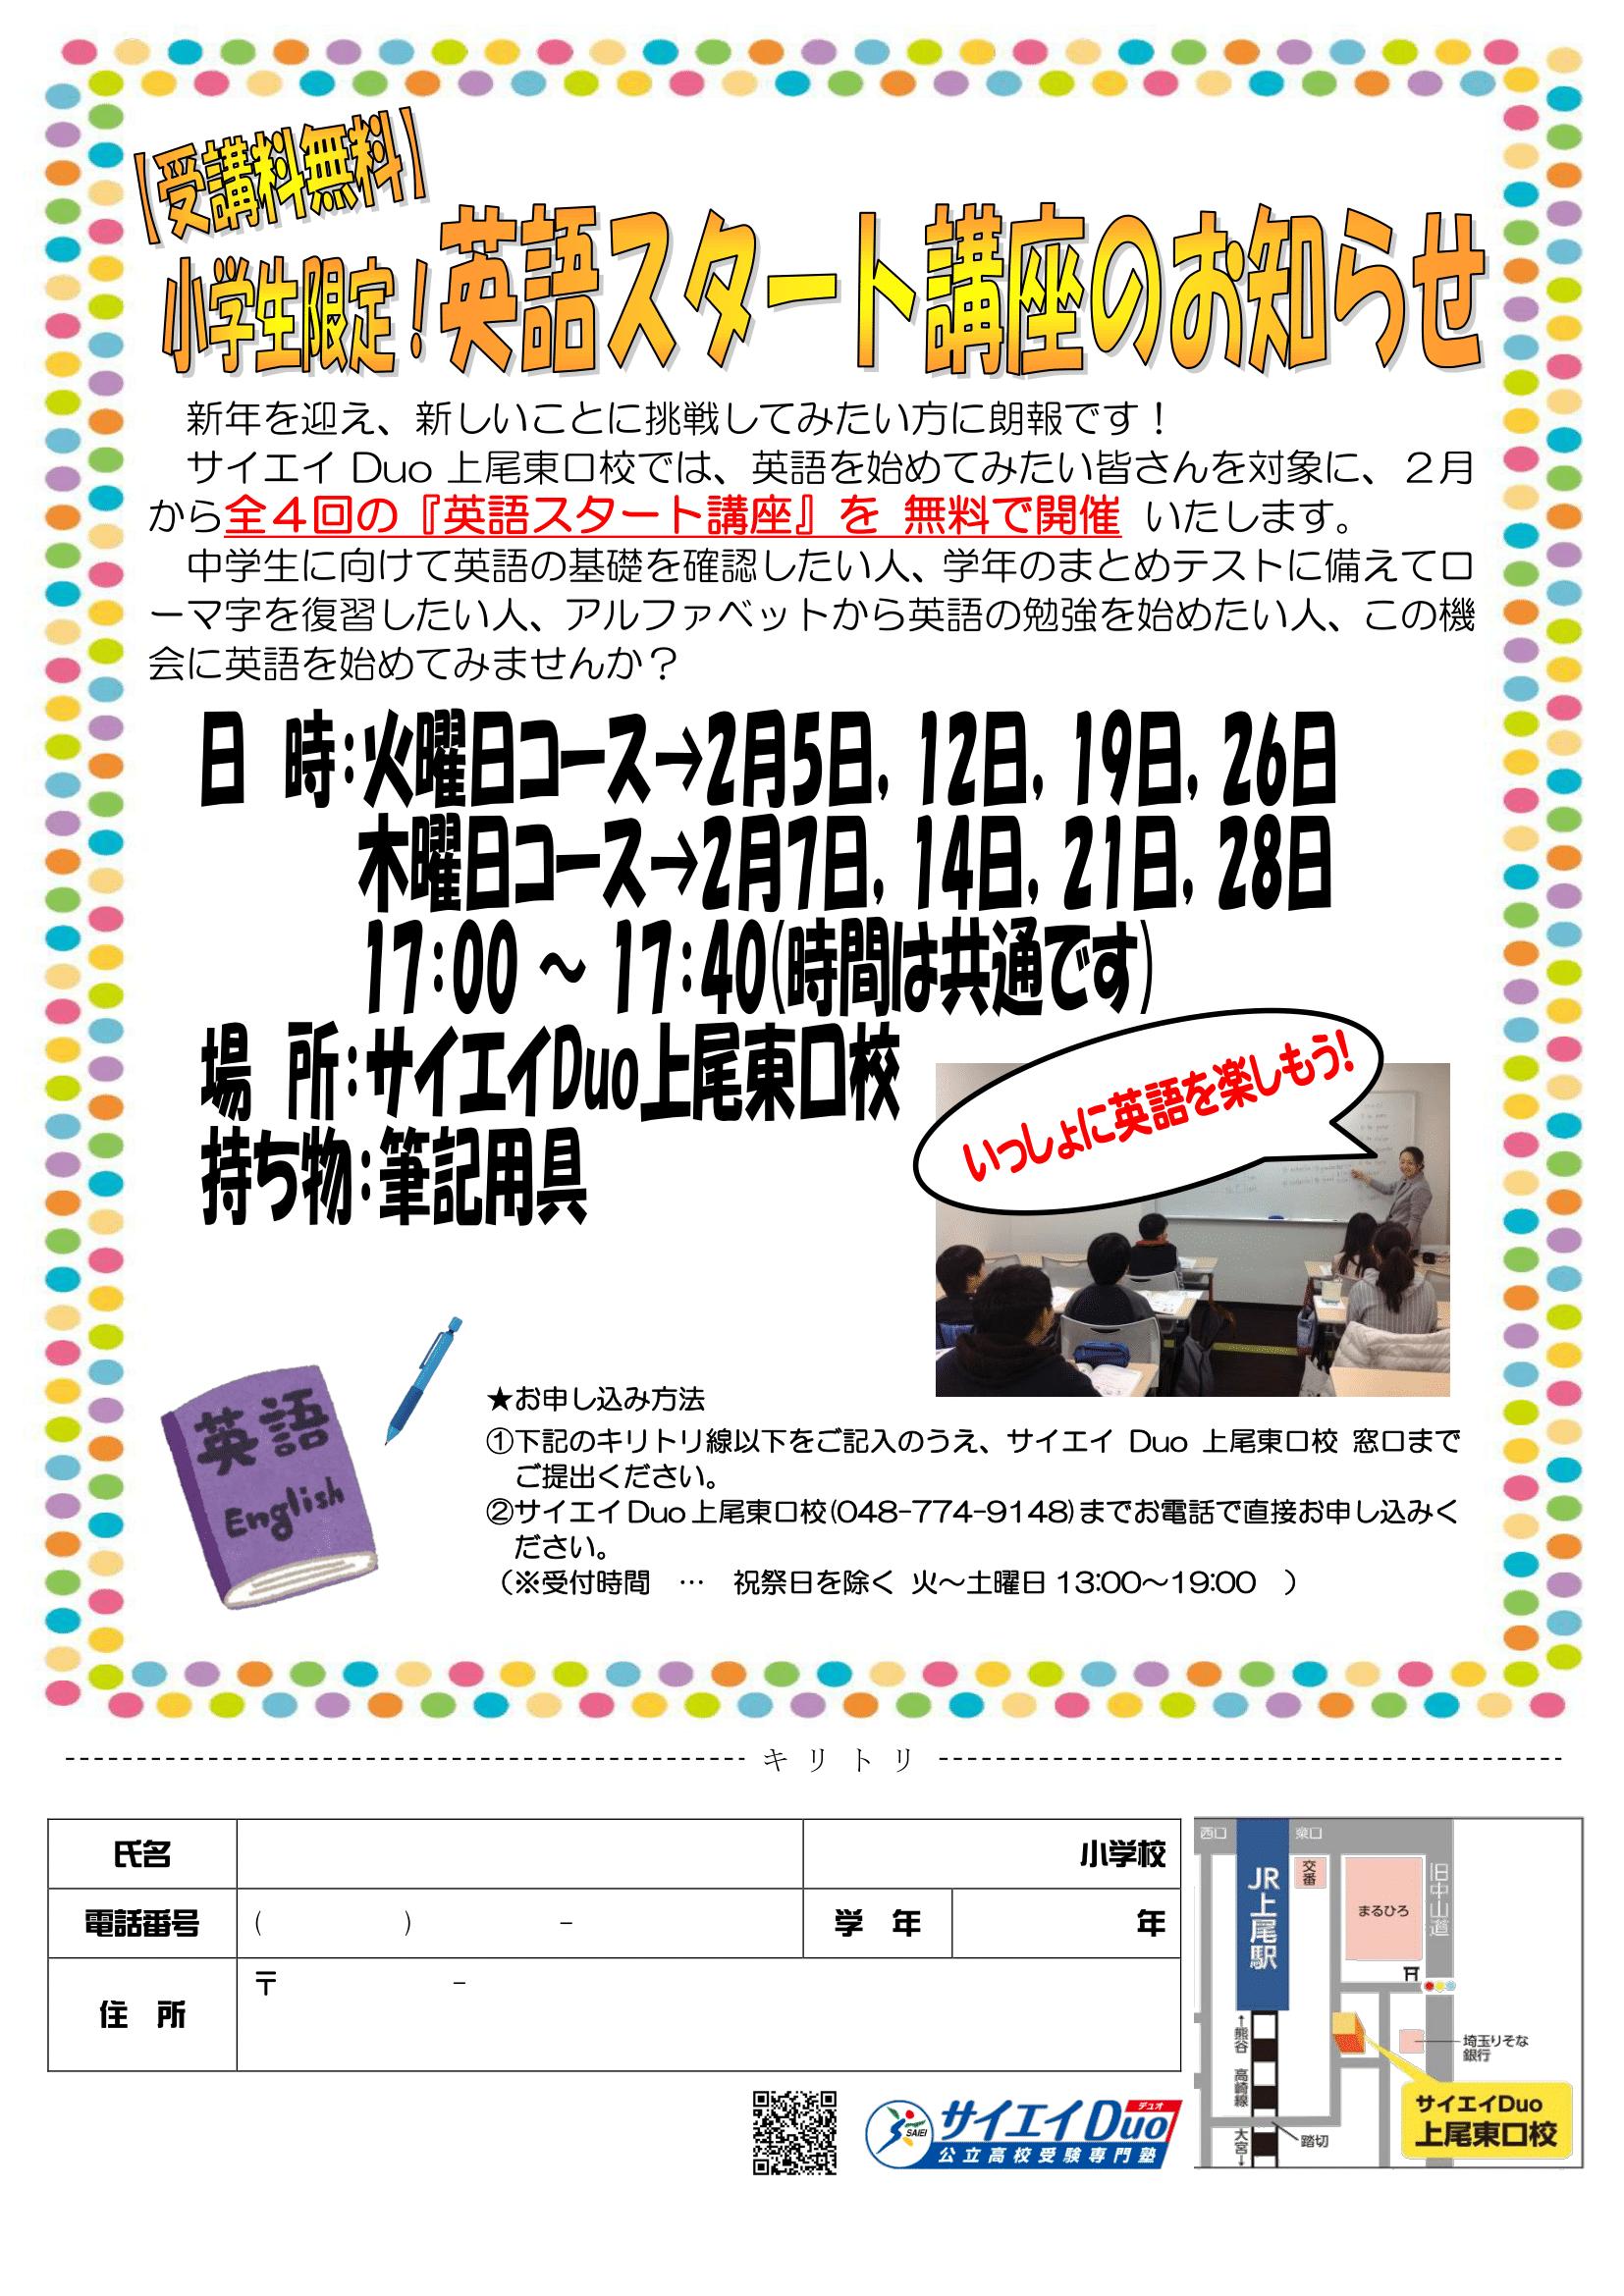 【小学生限定の無料講座】英語スタート講座開講!